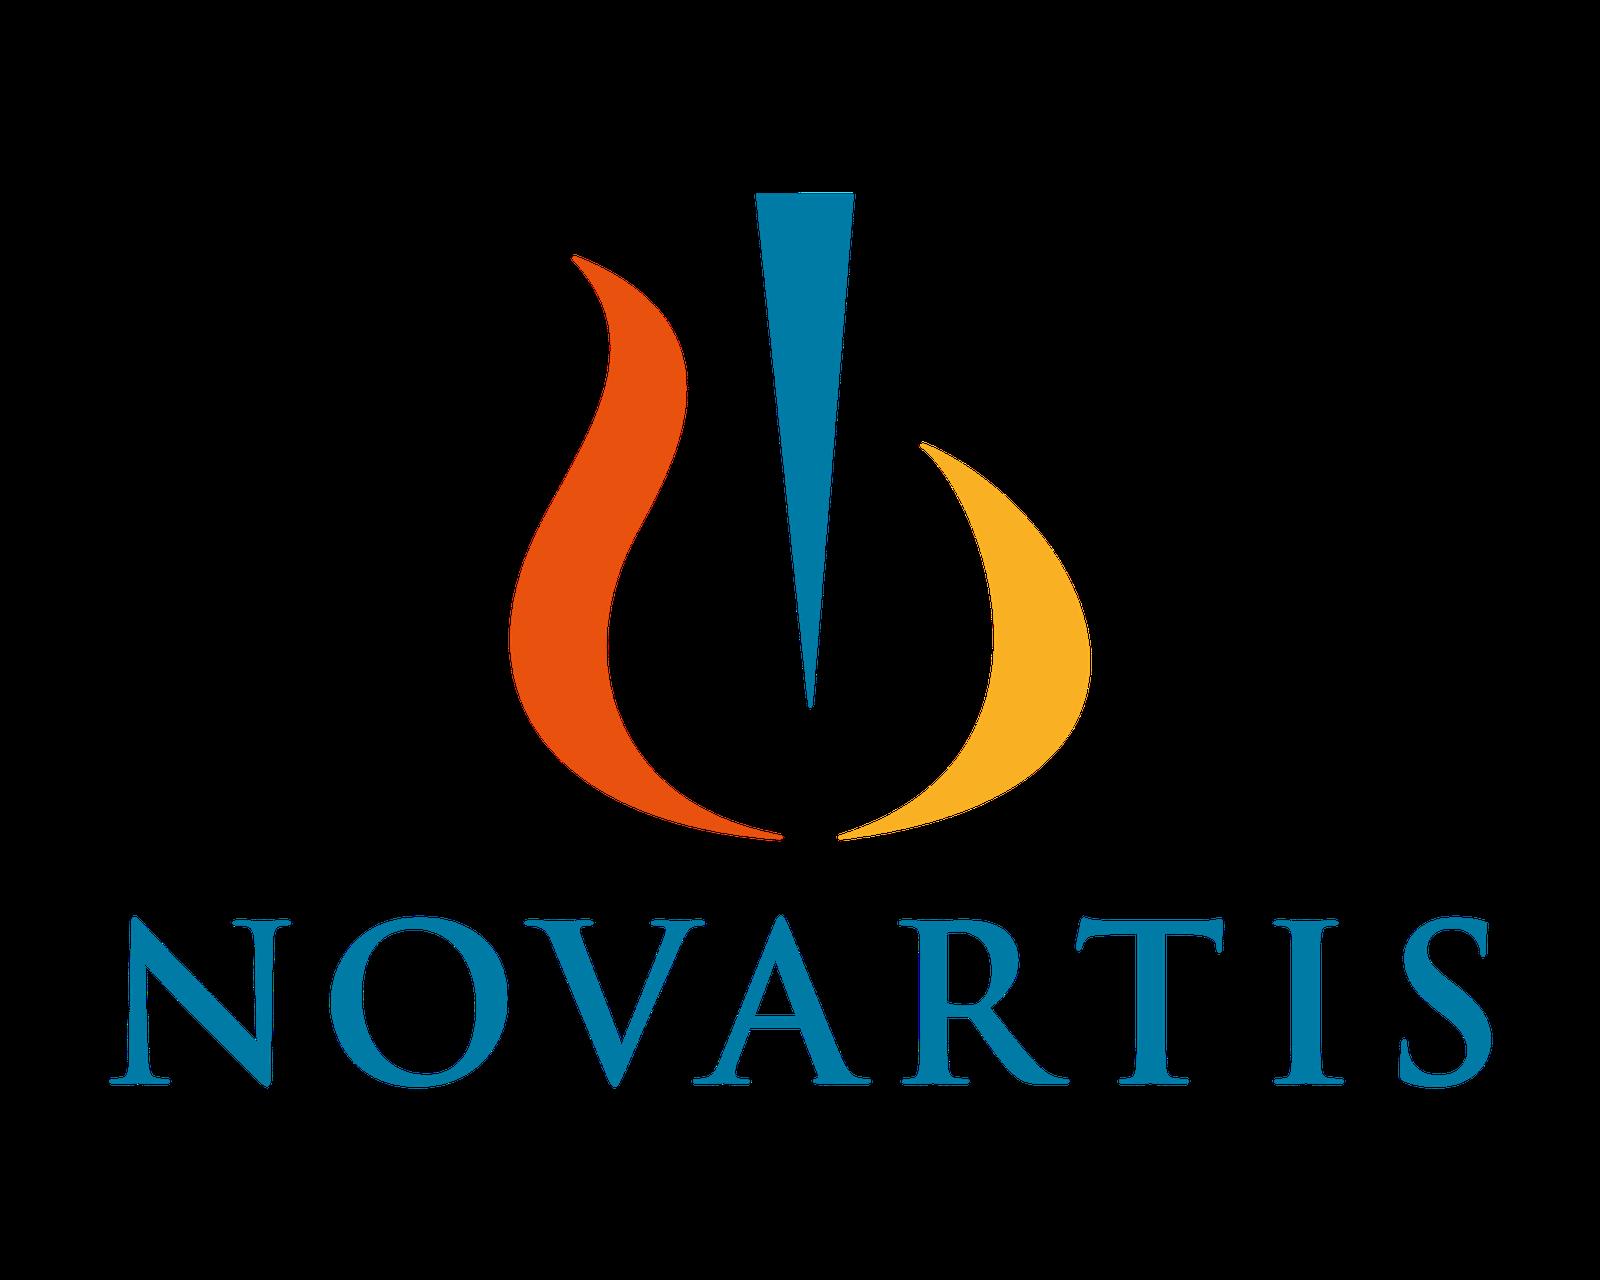 Αλλαγές στο τμήμα επικοινωνίας της Novartis!